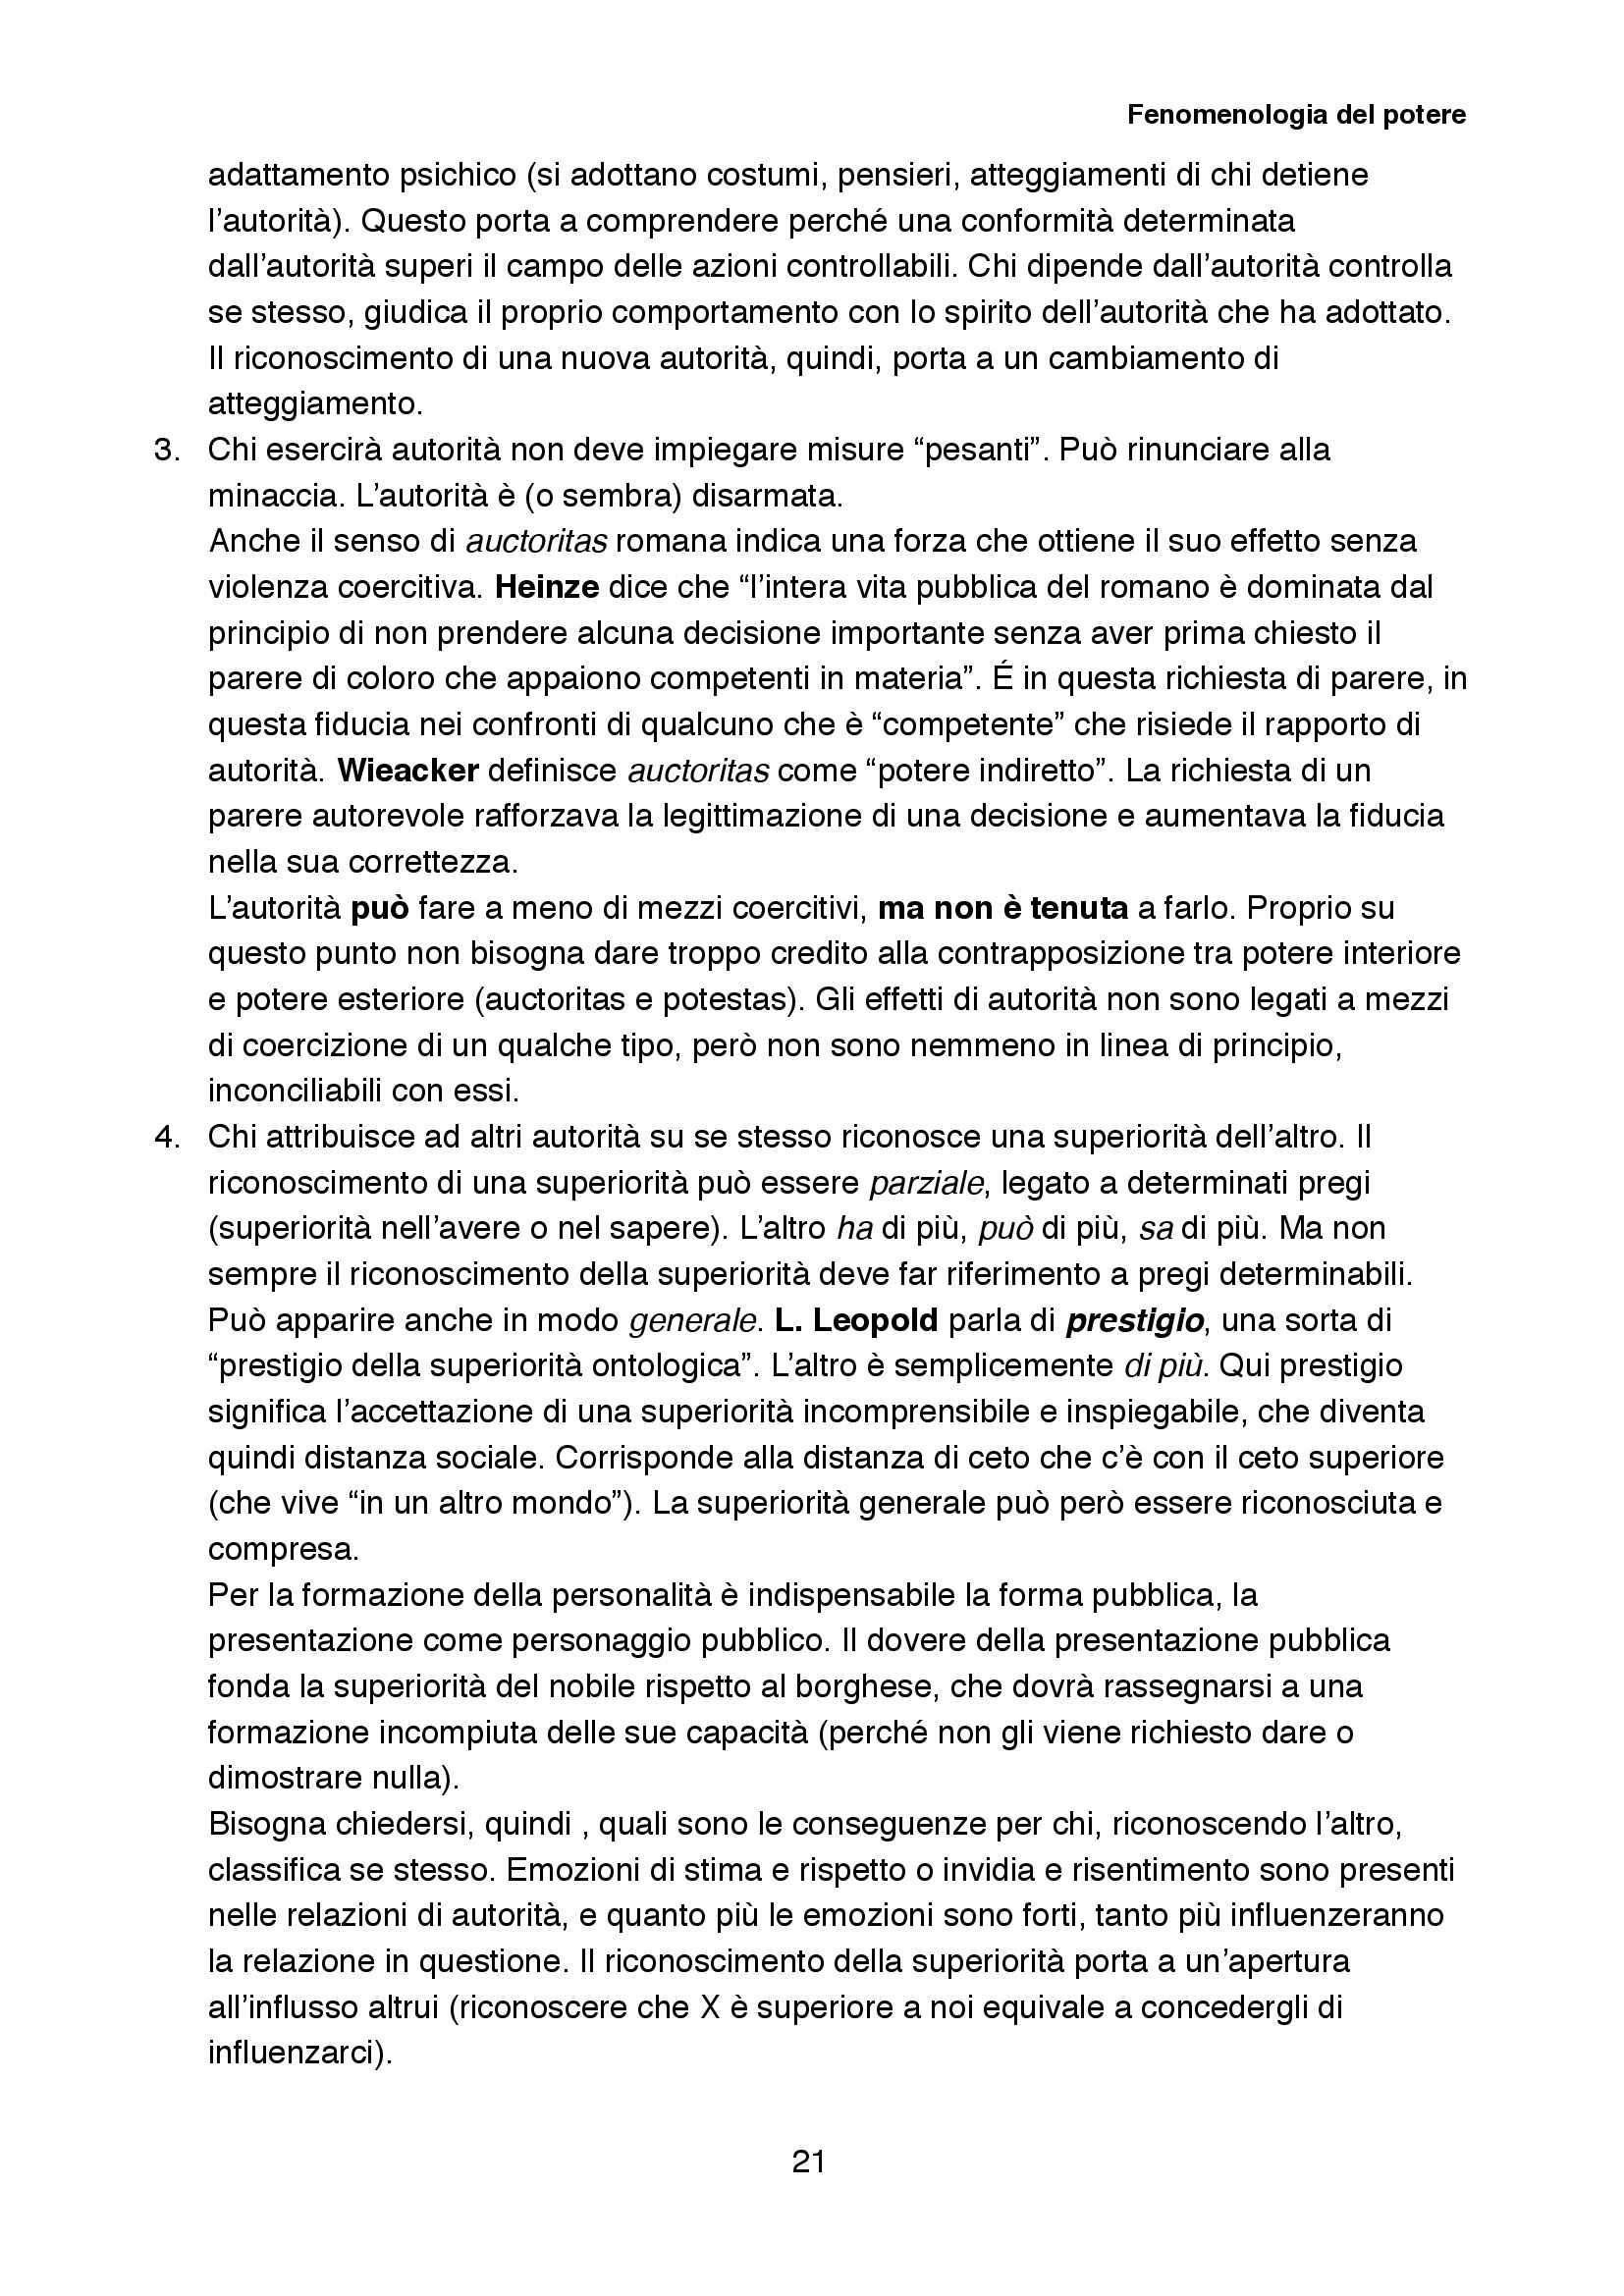 Riassunto esame Sociologia della cultura, prof. Biuso, libro consigliato Fenomenologia del potere, Popitz Pag. 21